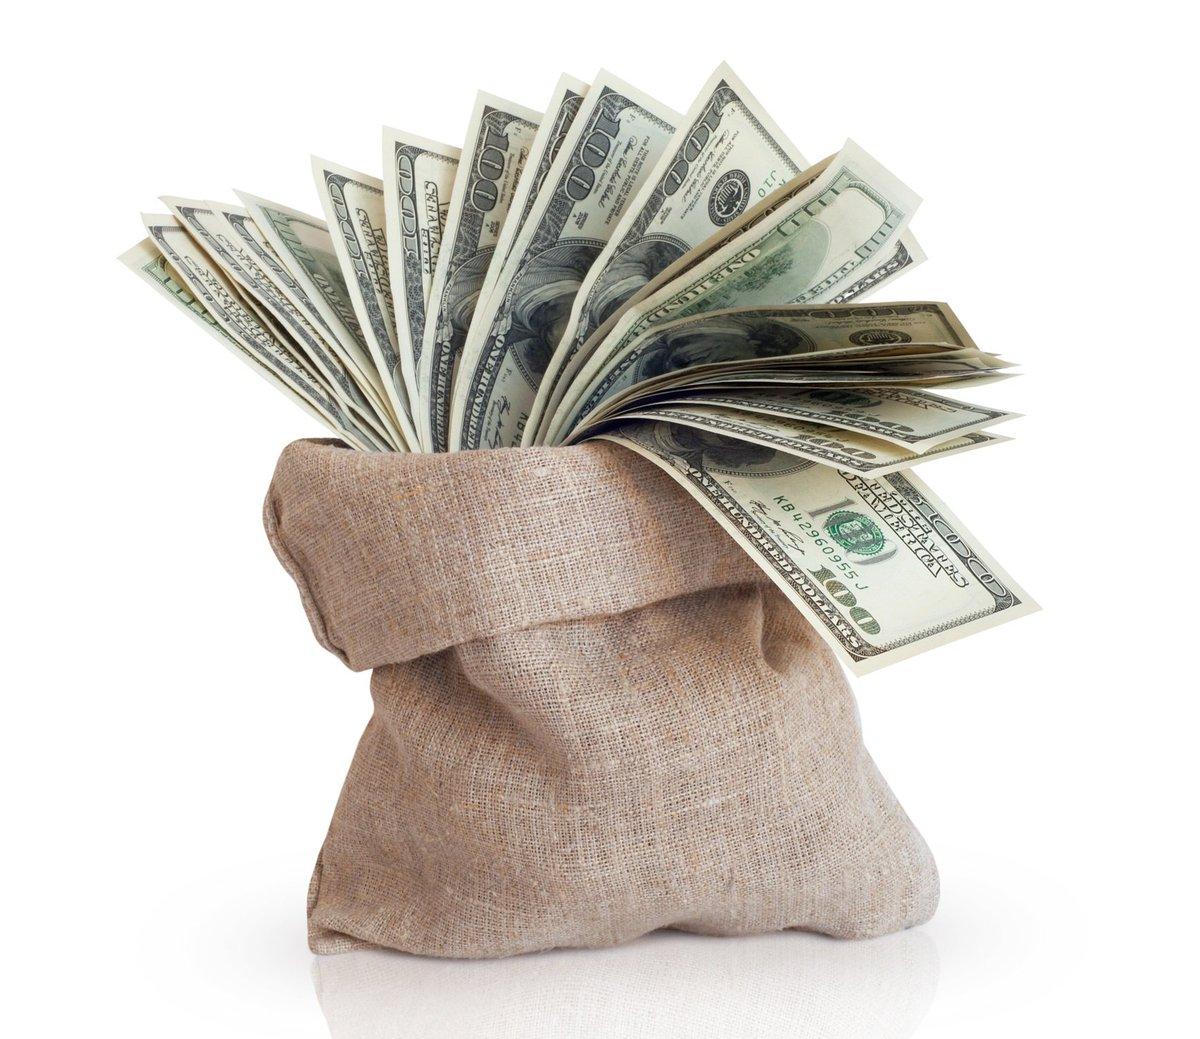 Burlap bag filled with hundred dollar bills.